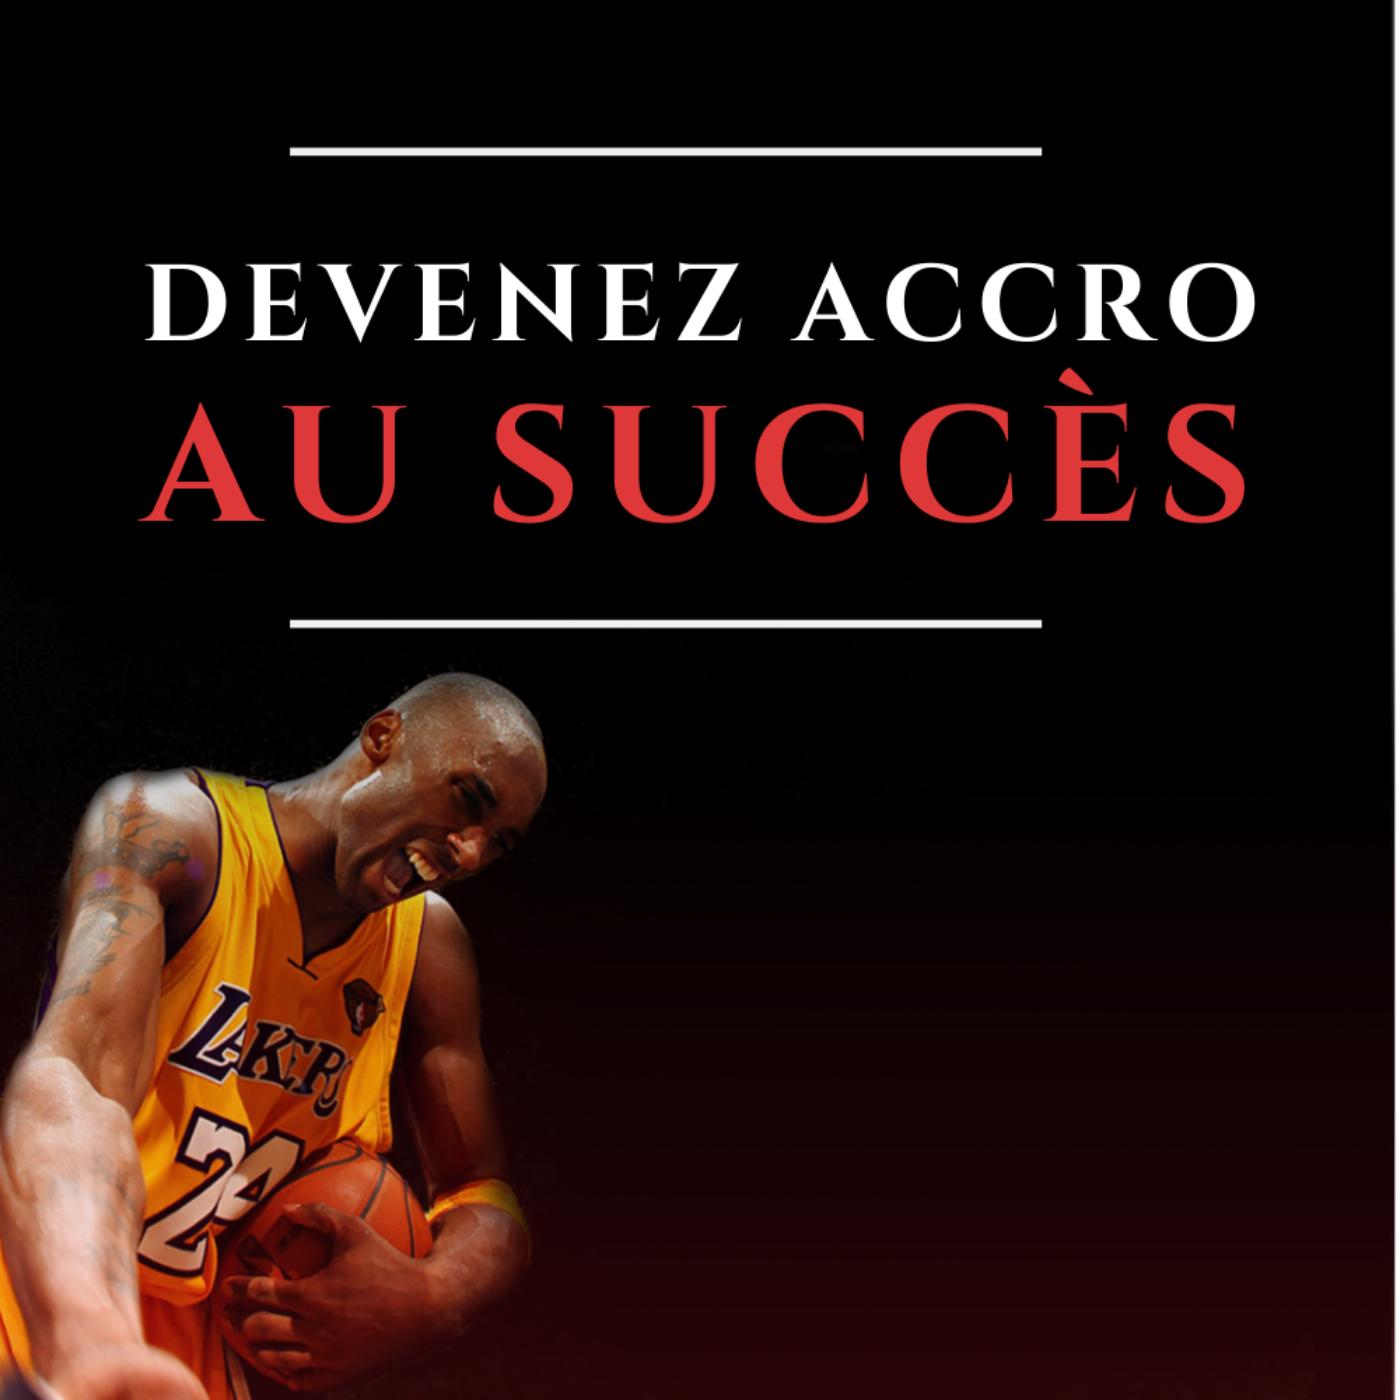 Devenez accro au succès - La méthode du coach de Kobe Bryant (Tim Grover)